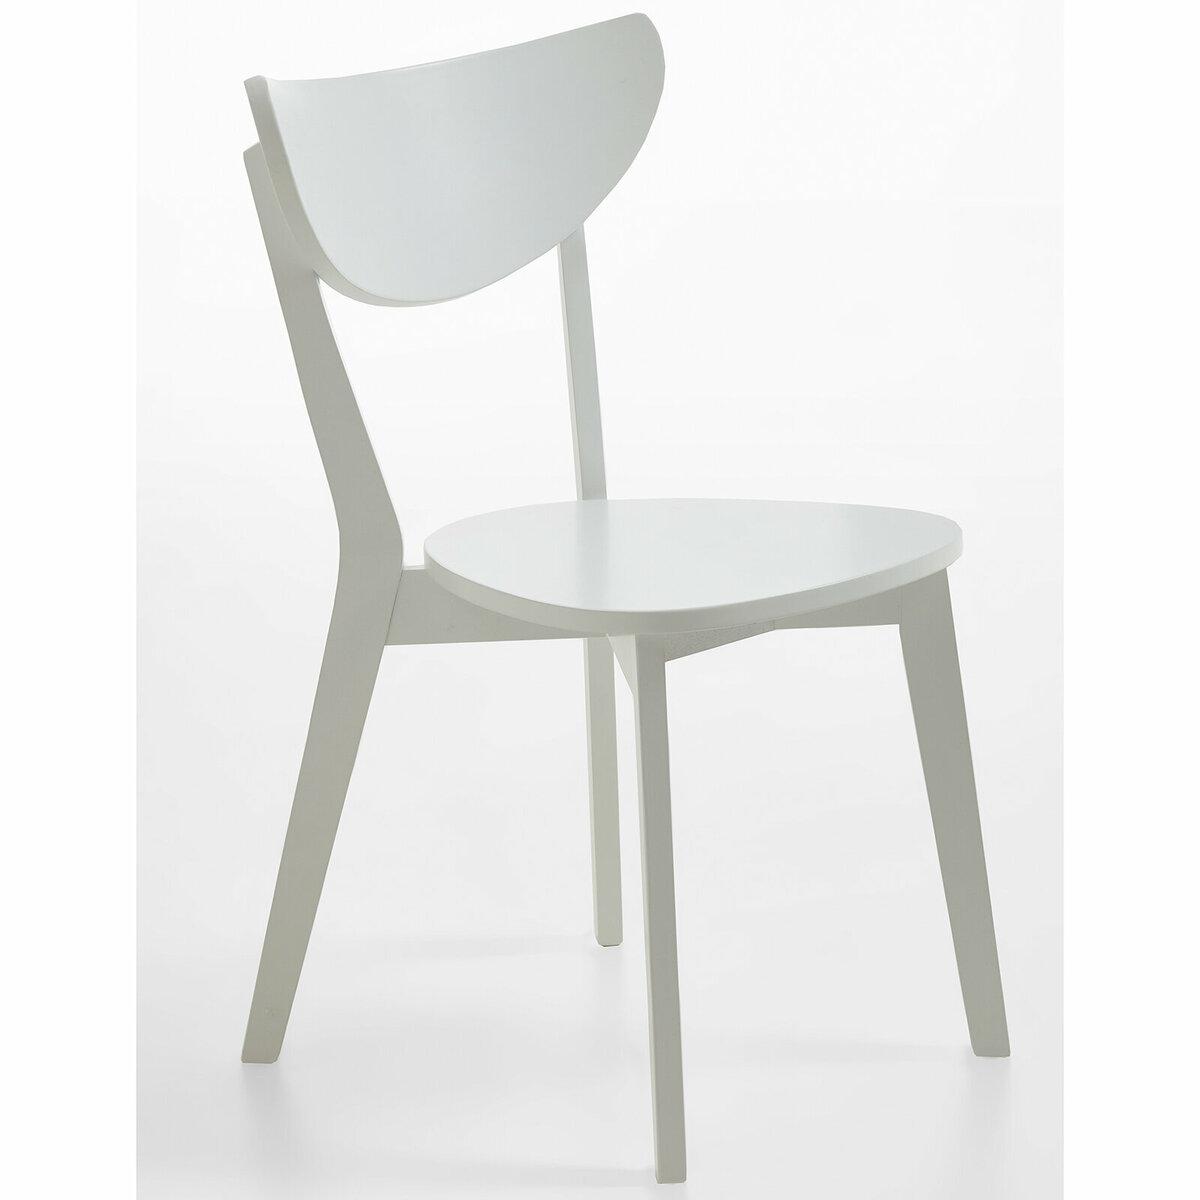 Bild 2 von 2er-Set Stuhl CAROLINA - weiß - teilmassiv